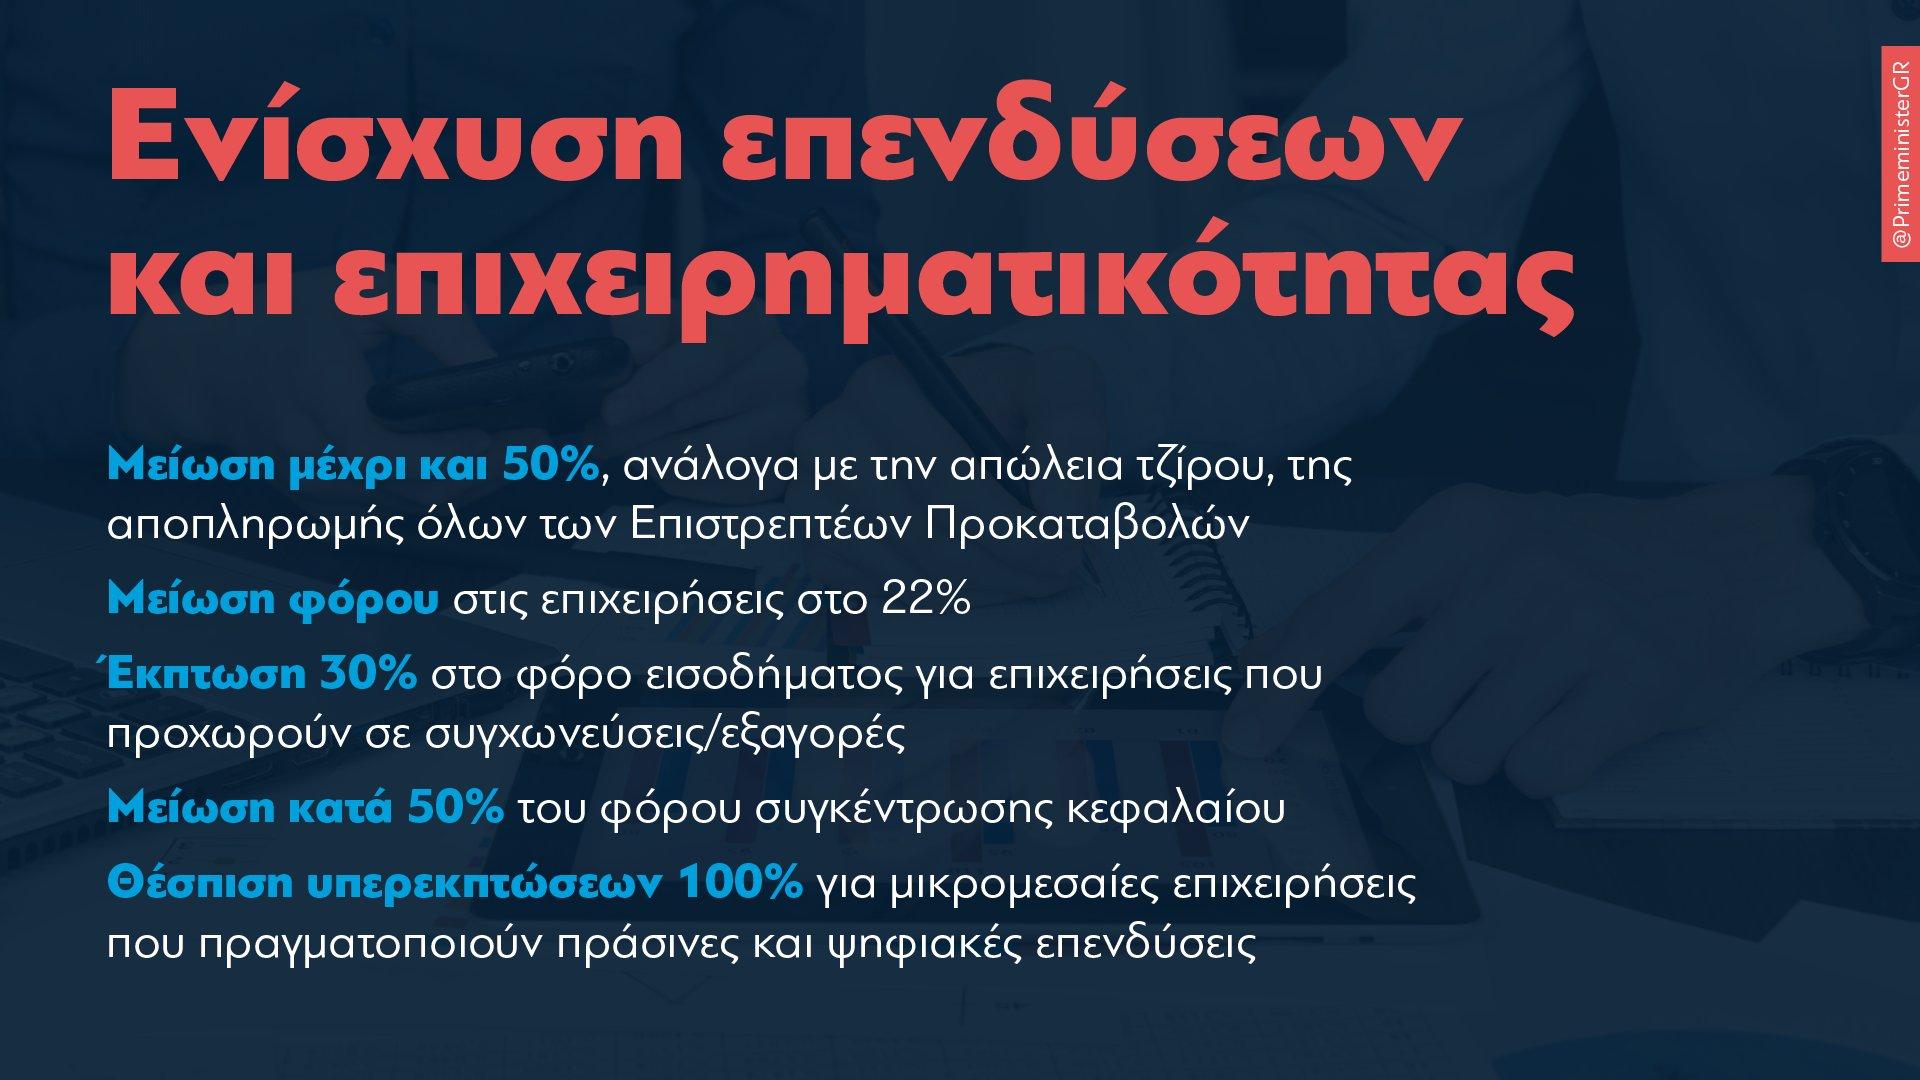 EPENDYSEIS2